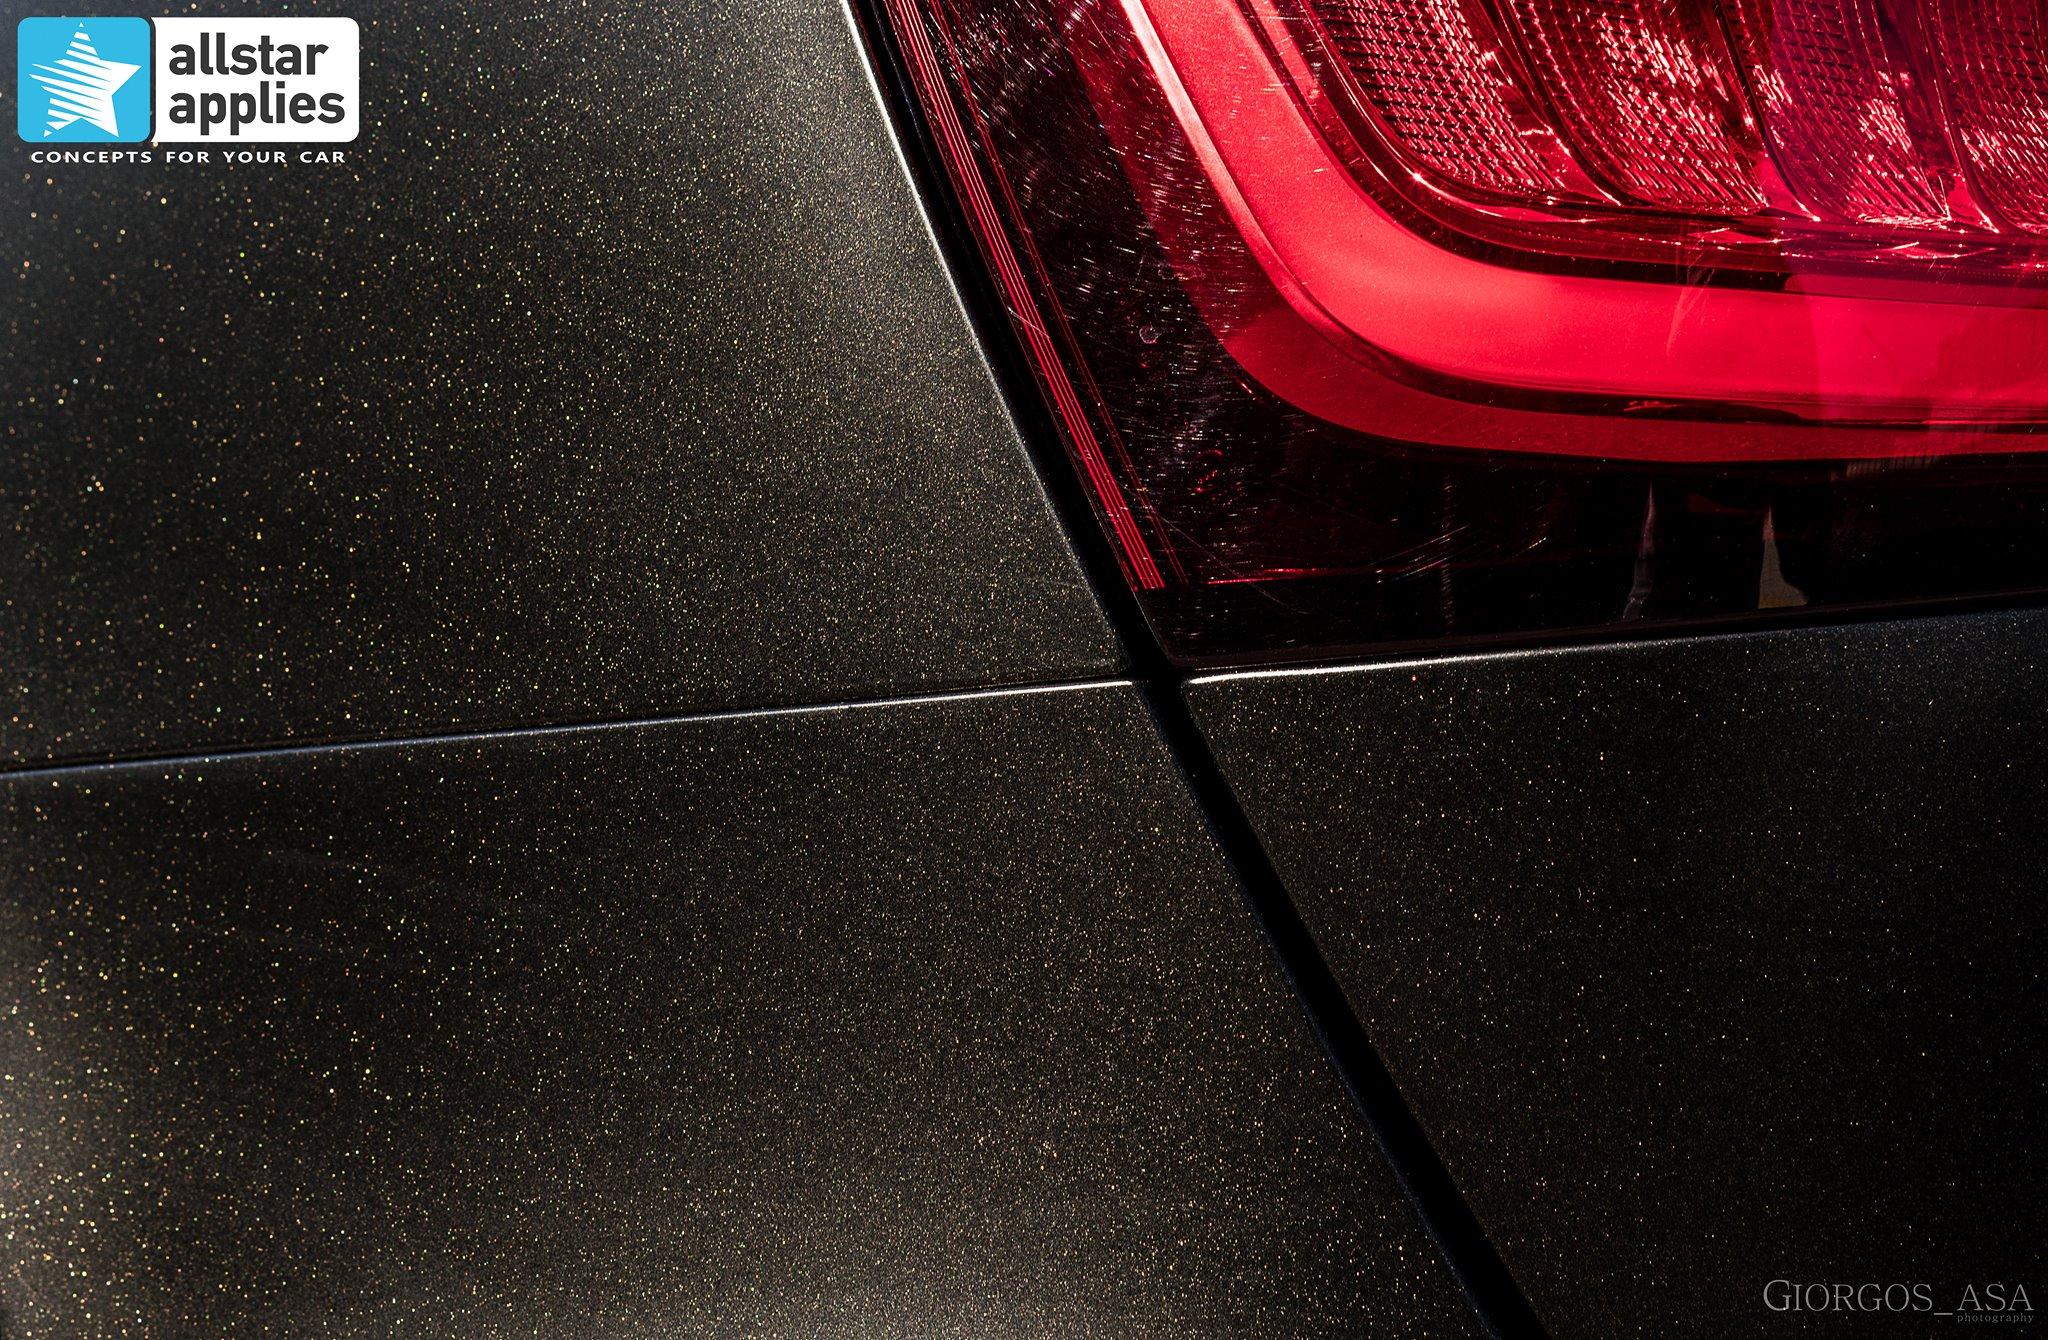 Audi SQ5 - Satin Gold Dust Black (13)